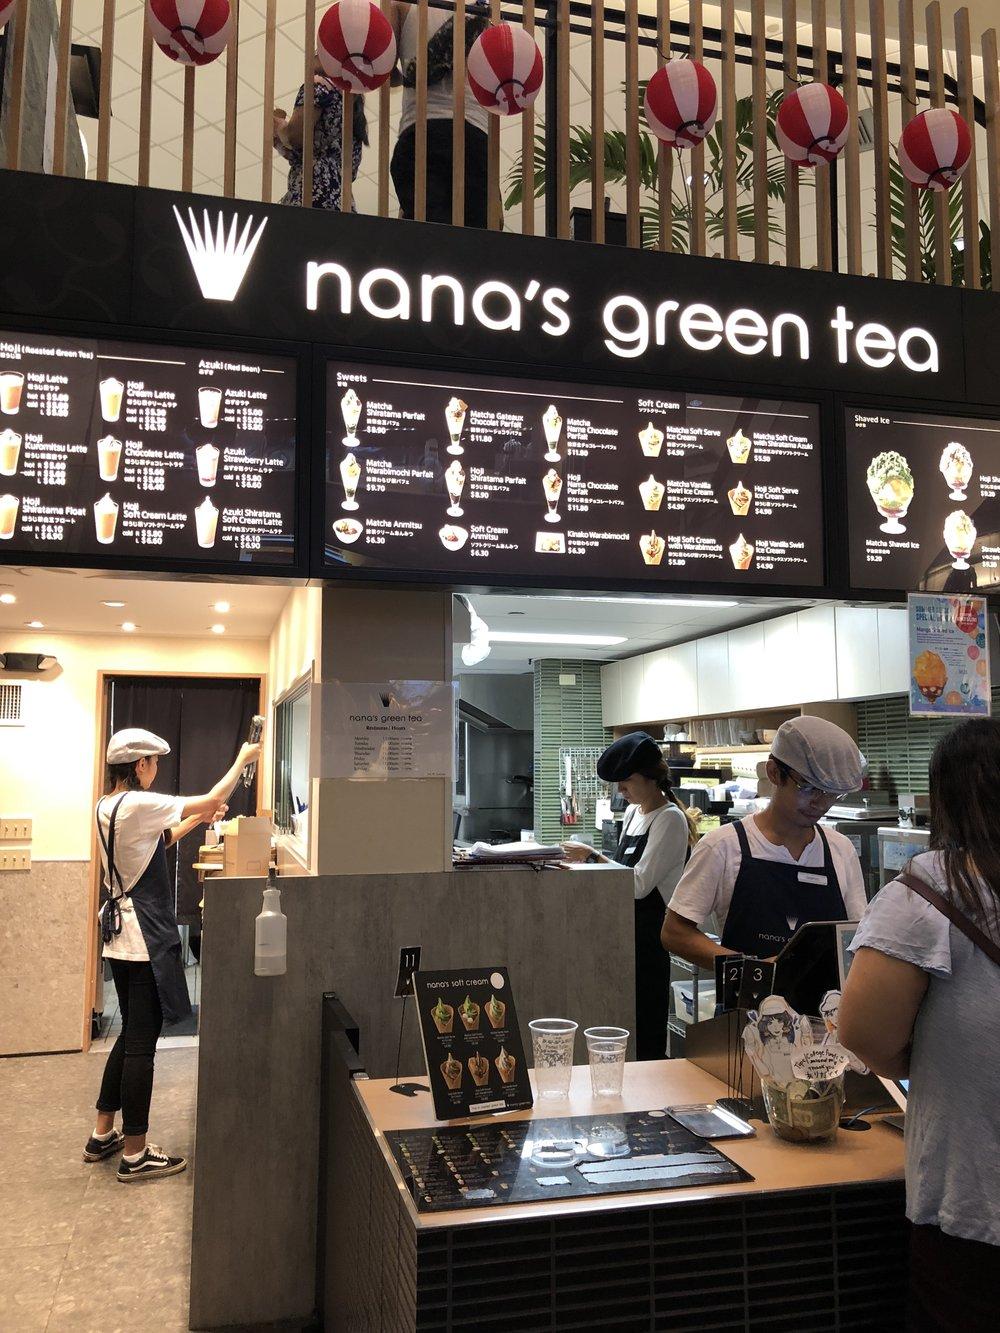 nana's green tea inside Waikiki Yokocho